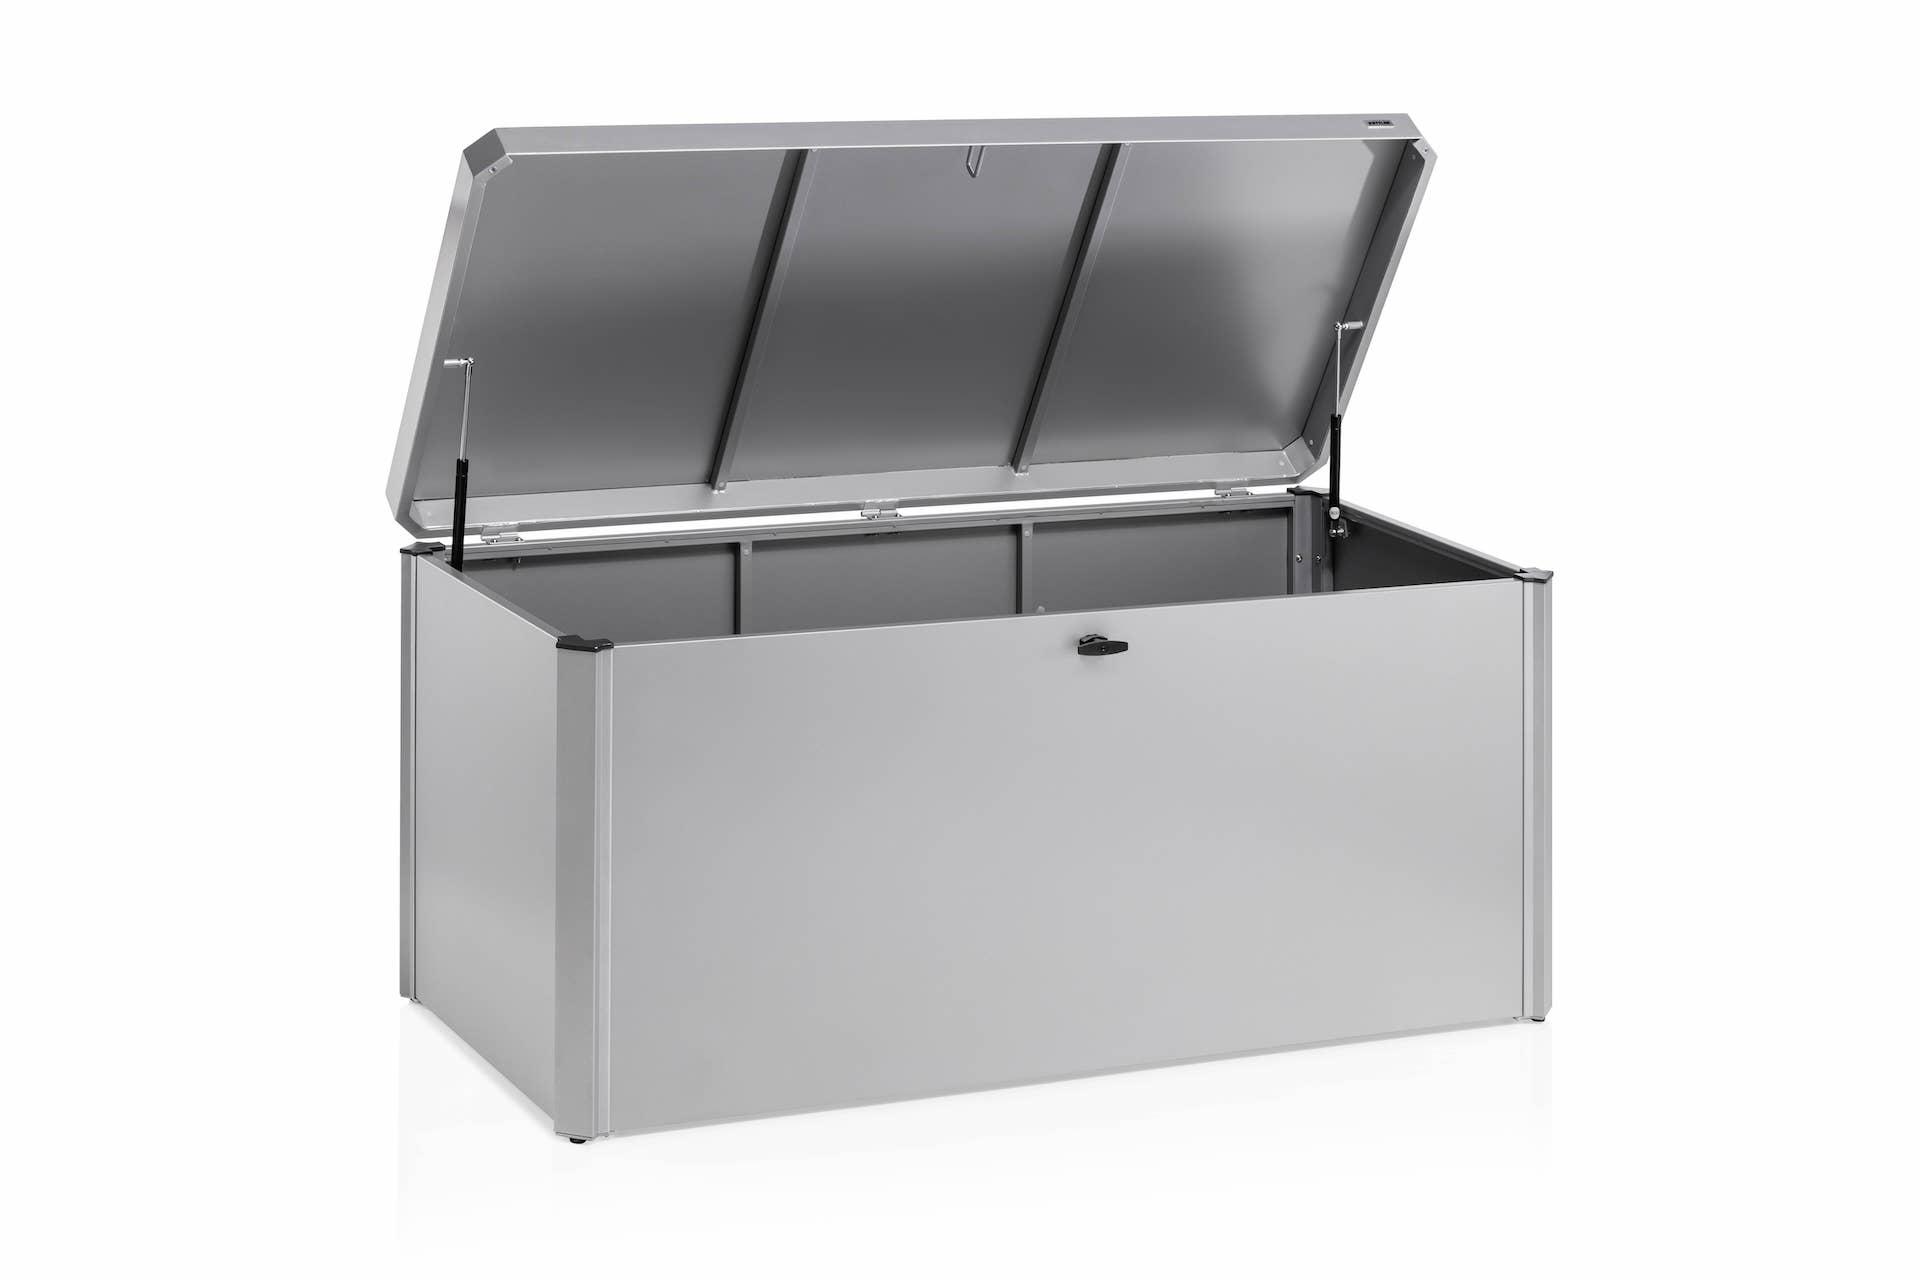 KETTCASE KISSENBOXEN Kissenbox 135 cm